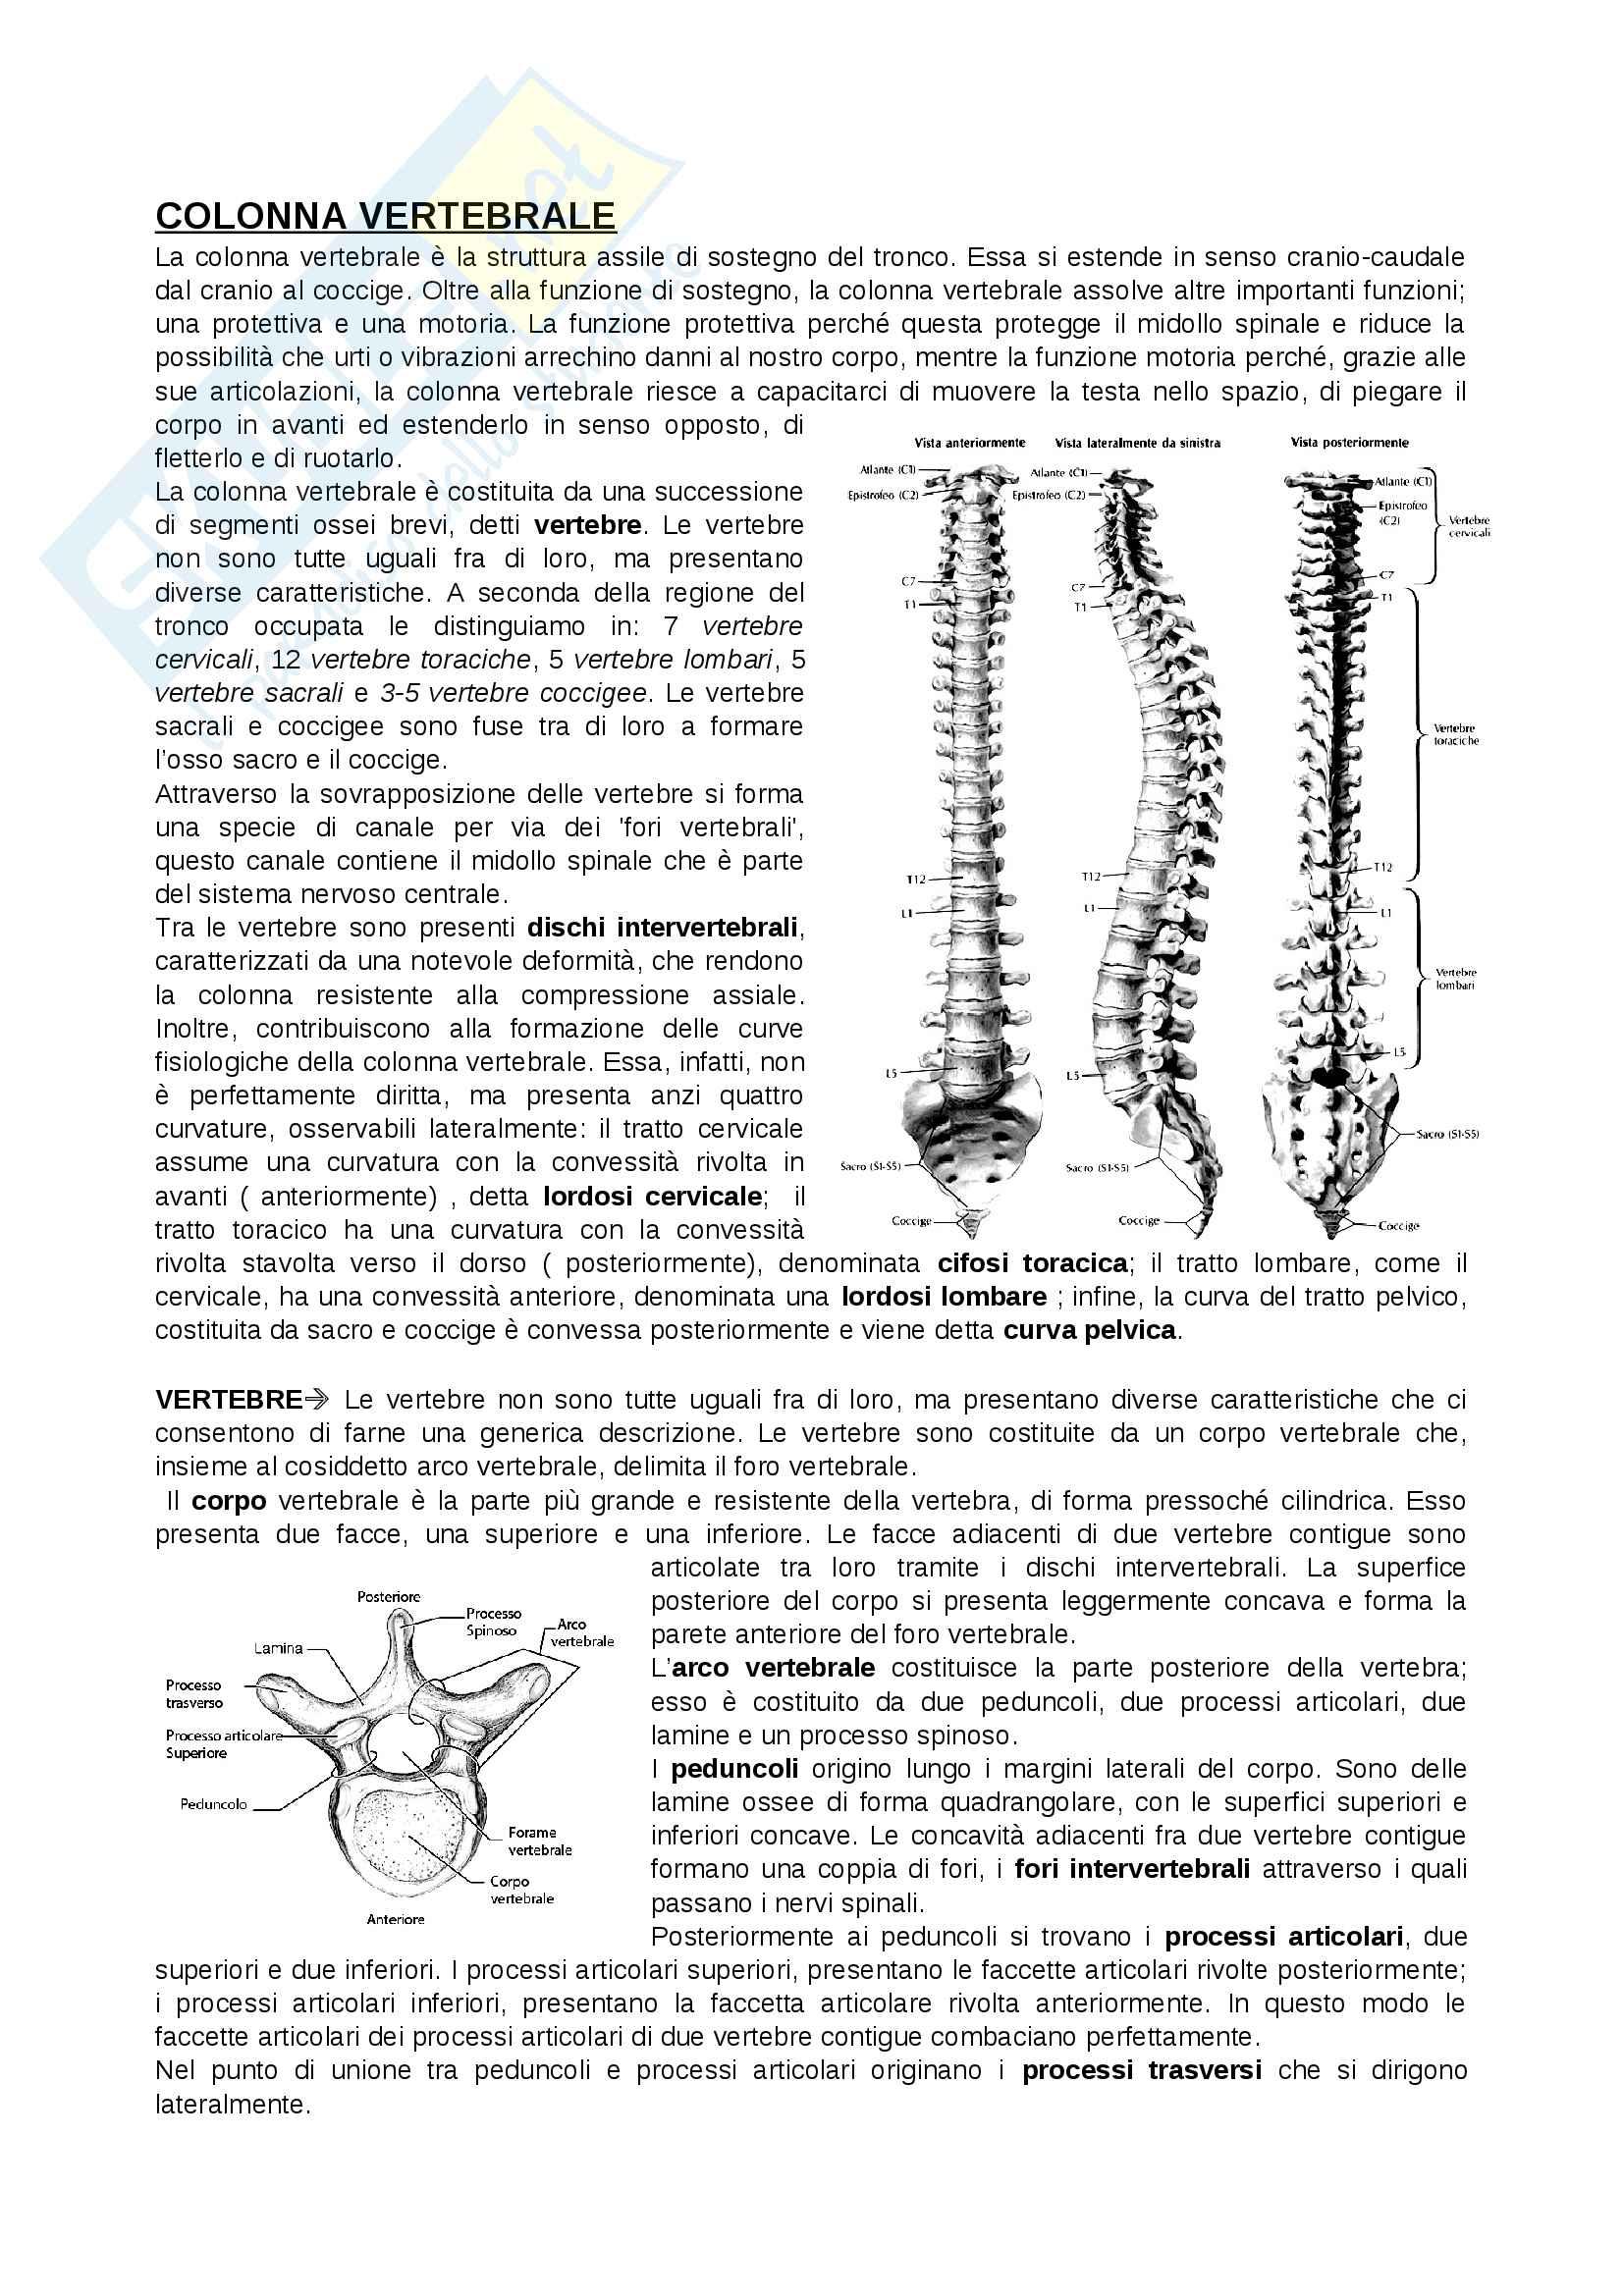 Anatomia dell'apparato locomotore - Colonna vertebrale, Arto Inferiore, Arto superiore